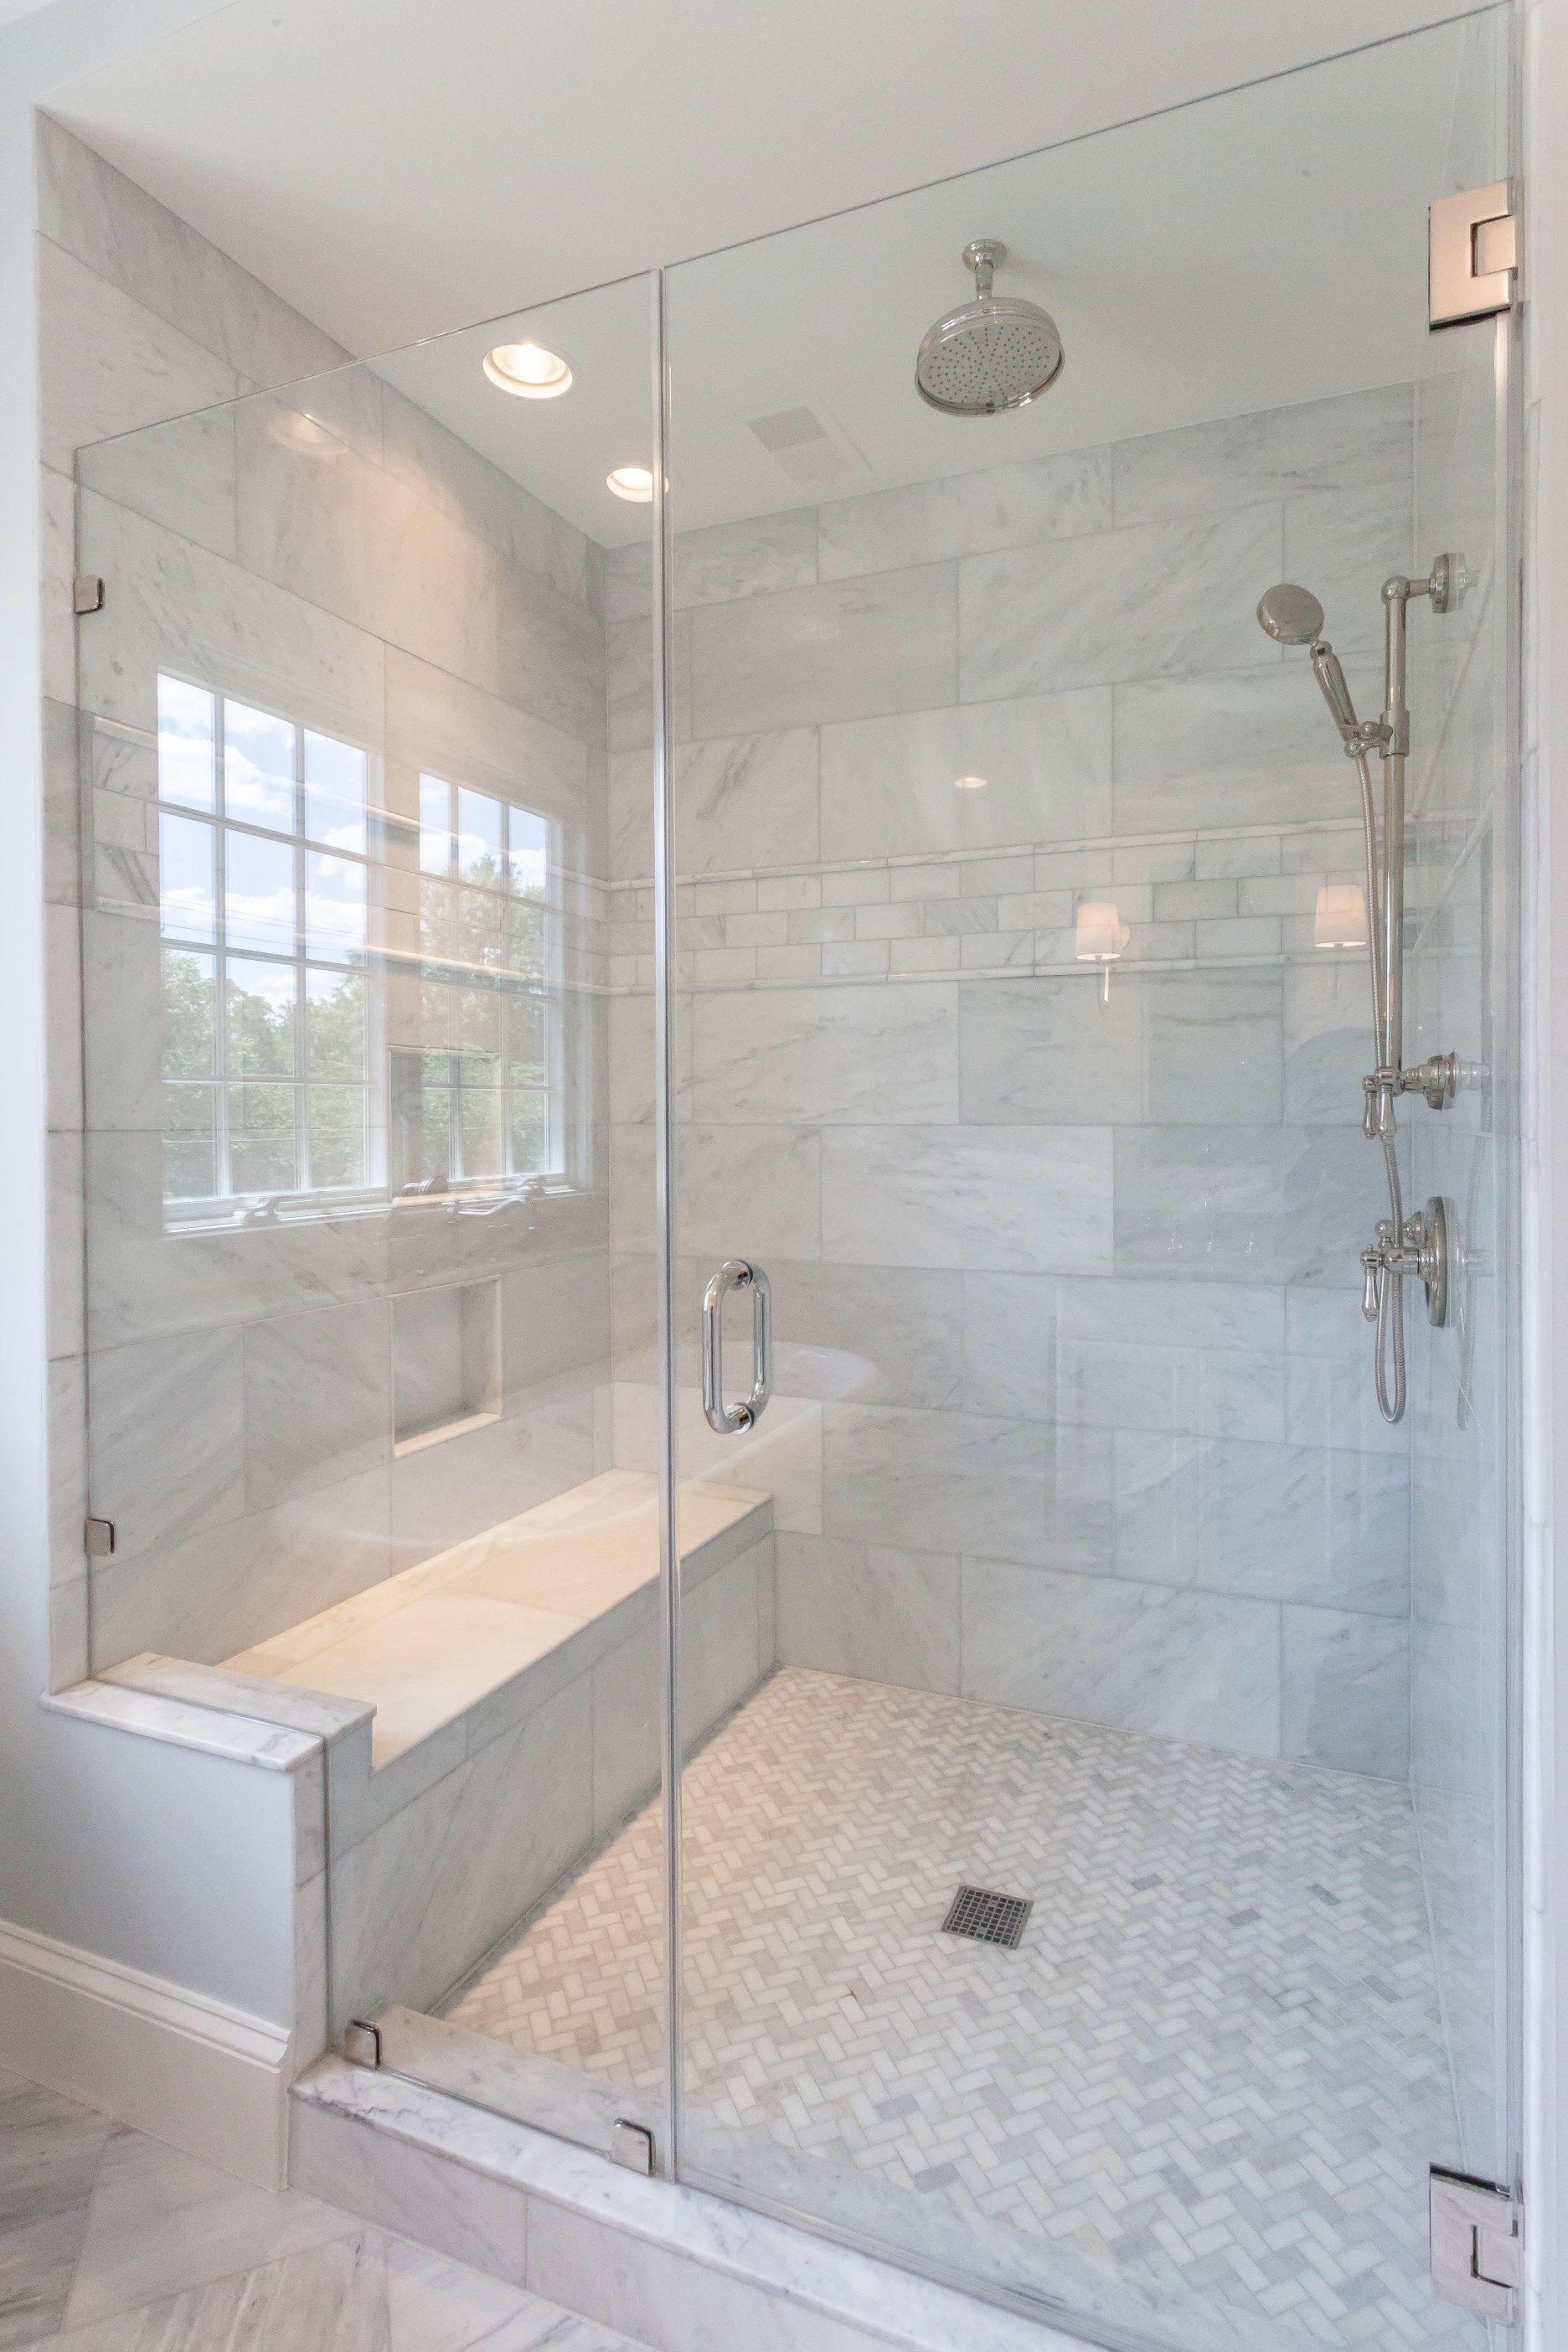 Minimalist Master Bathroom Remodel Ideas10